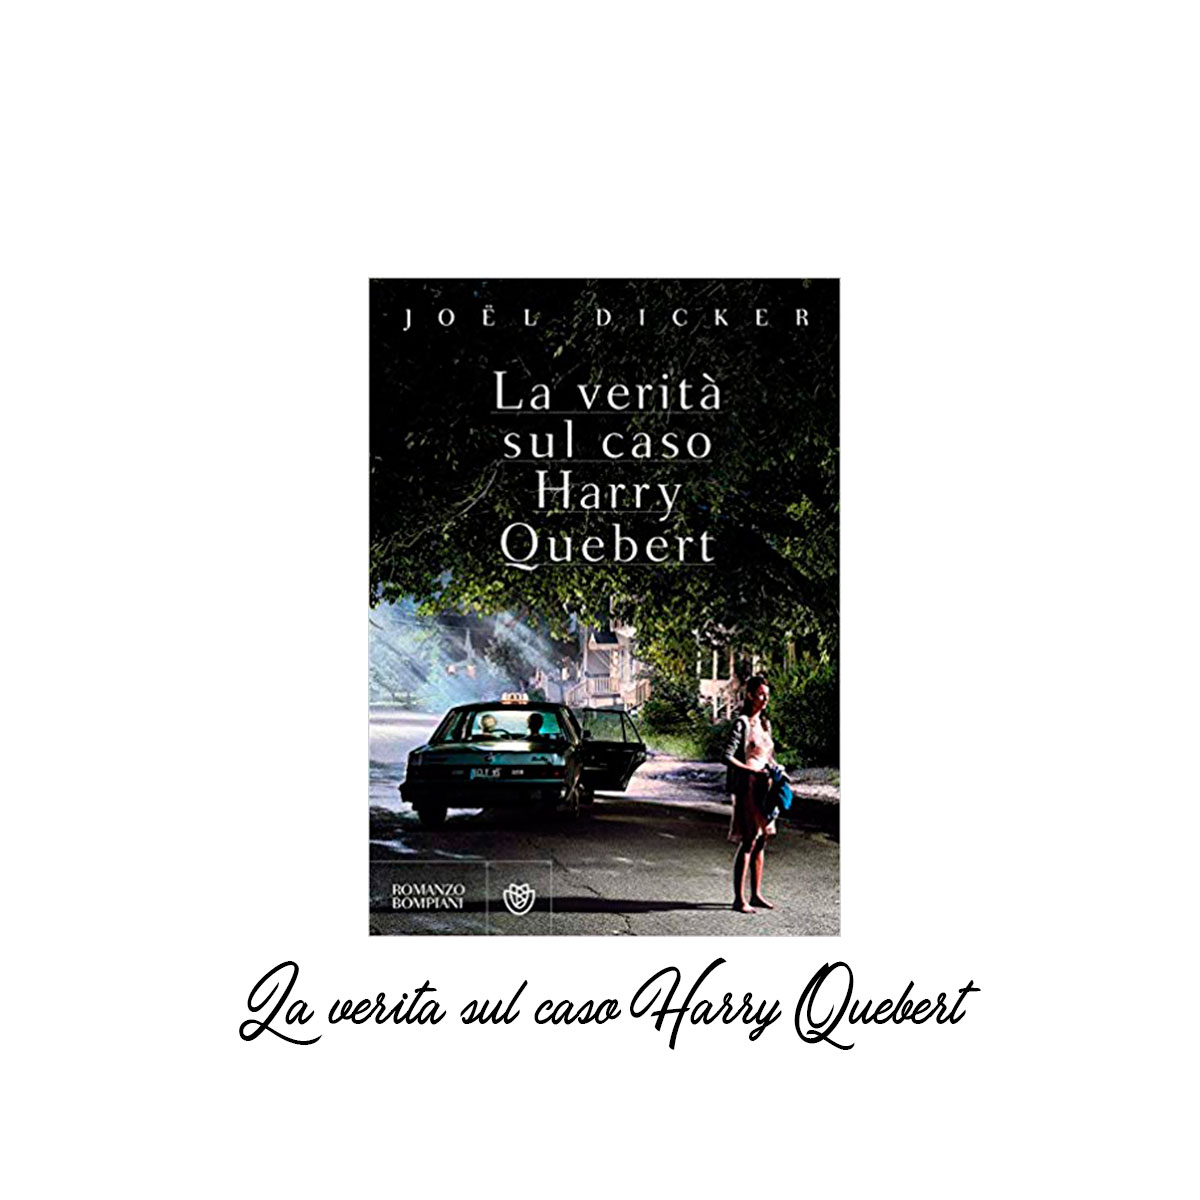 Lectura Recomendada La verita caso Harry Quebert